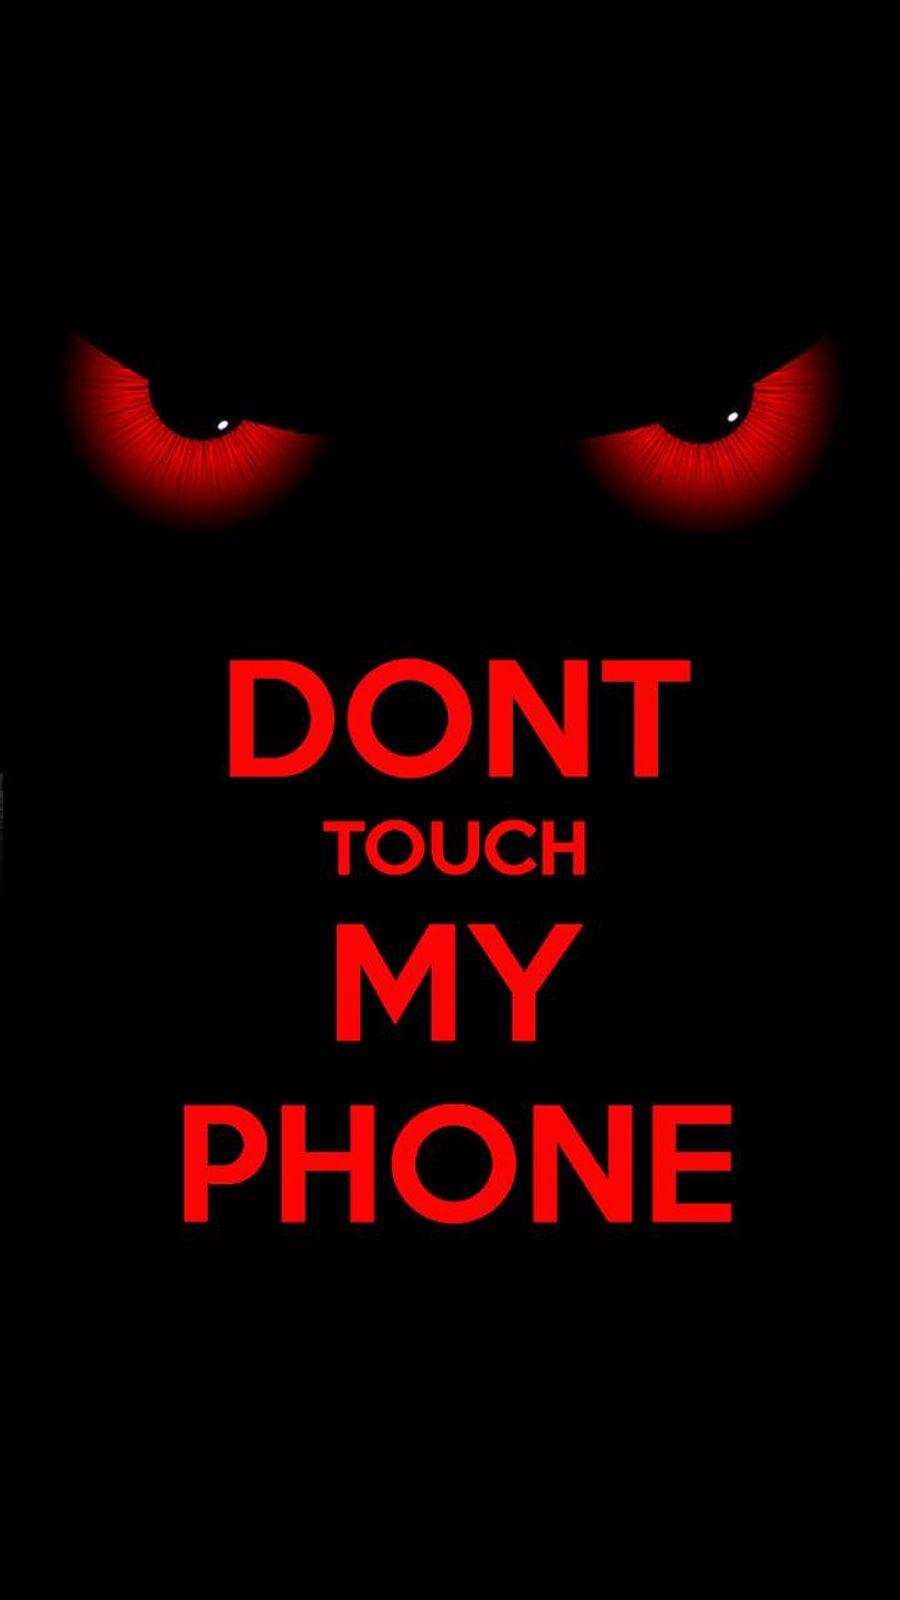 Обои на телефон экран, трогать, телефон, спокойствие, сегодня, не, мой, блокировка, keep, clam